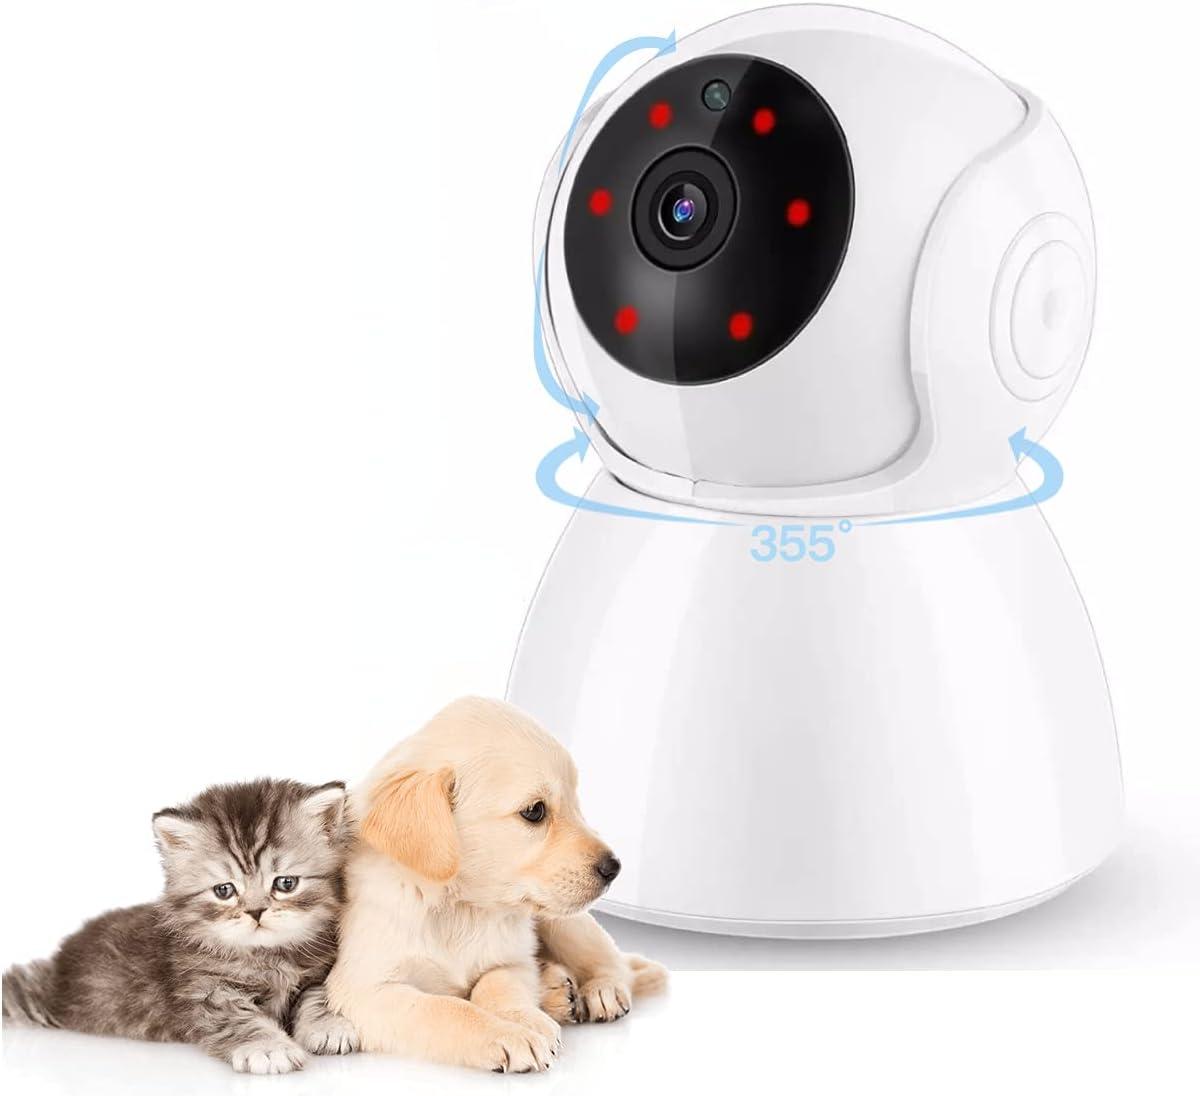 Smart Phoenix Mall 355 Degree Wireless WiFi 1080P Pet Max 80% OFF Monitor Remote C Camera